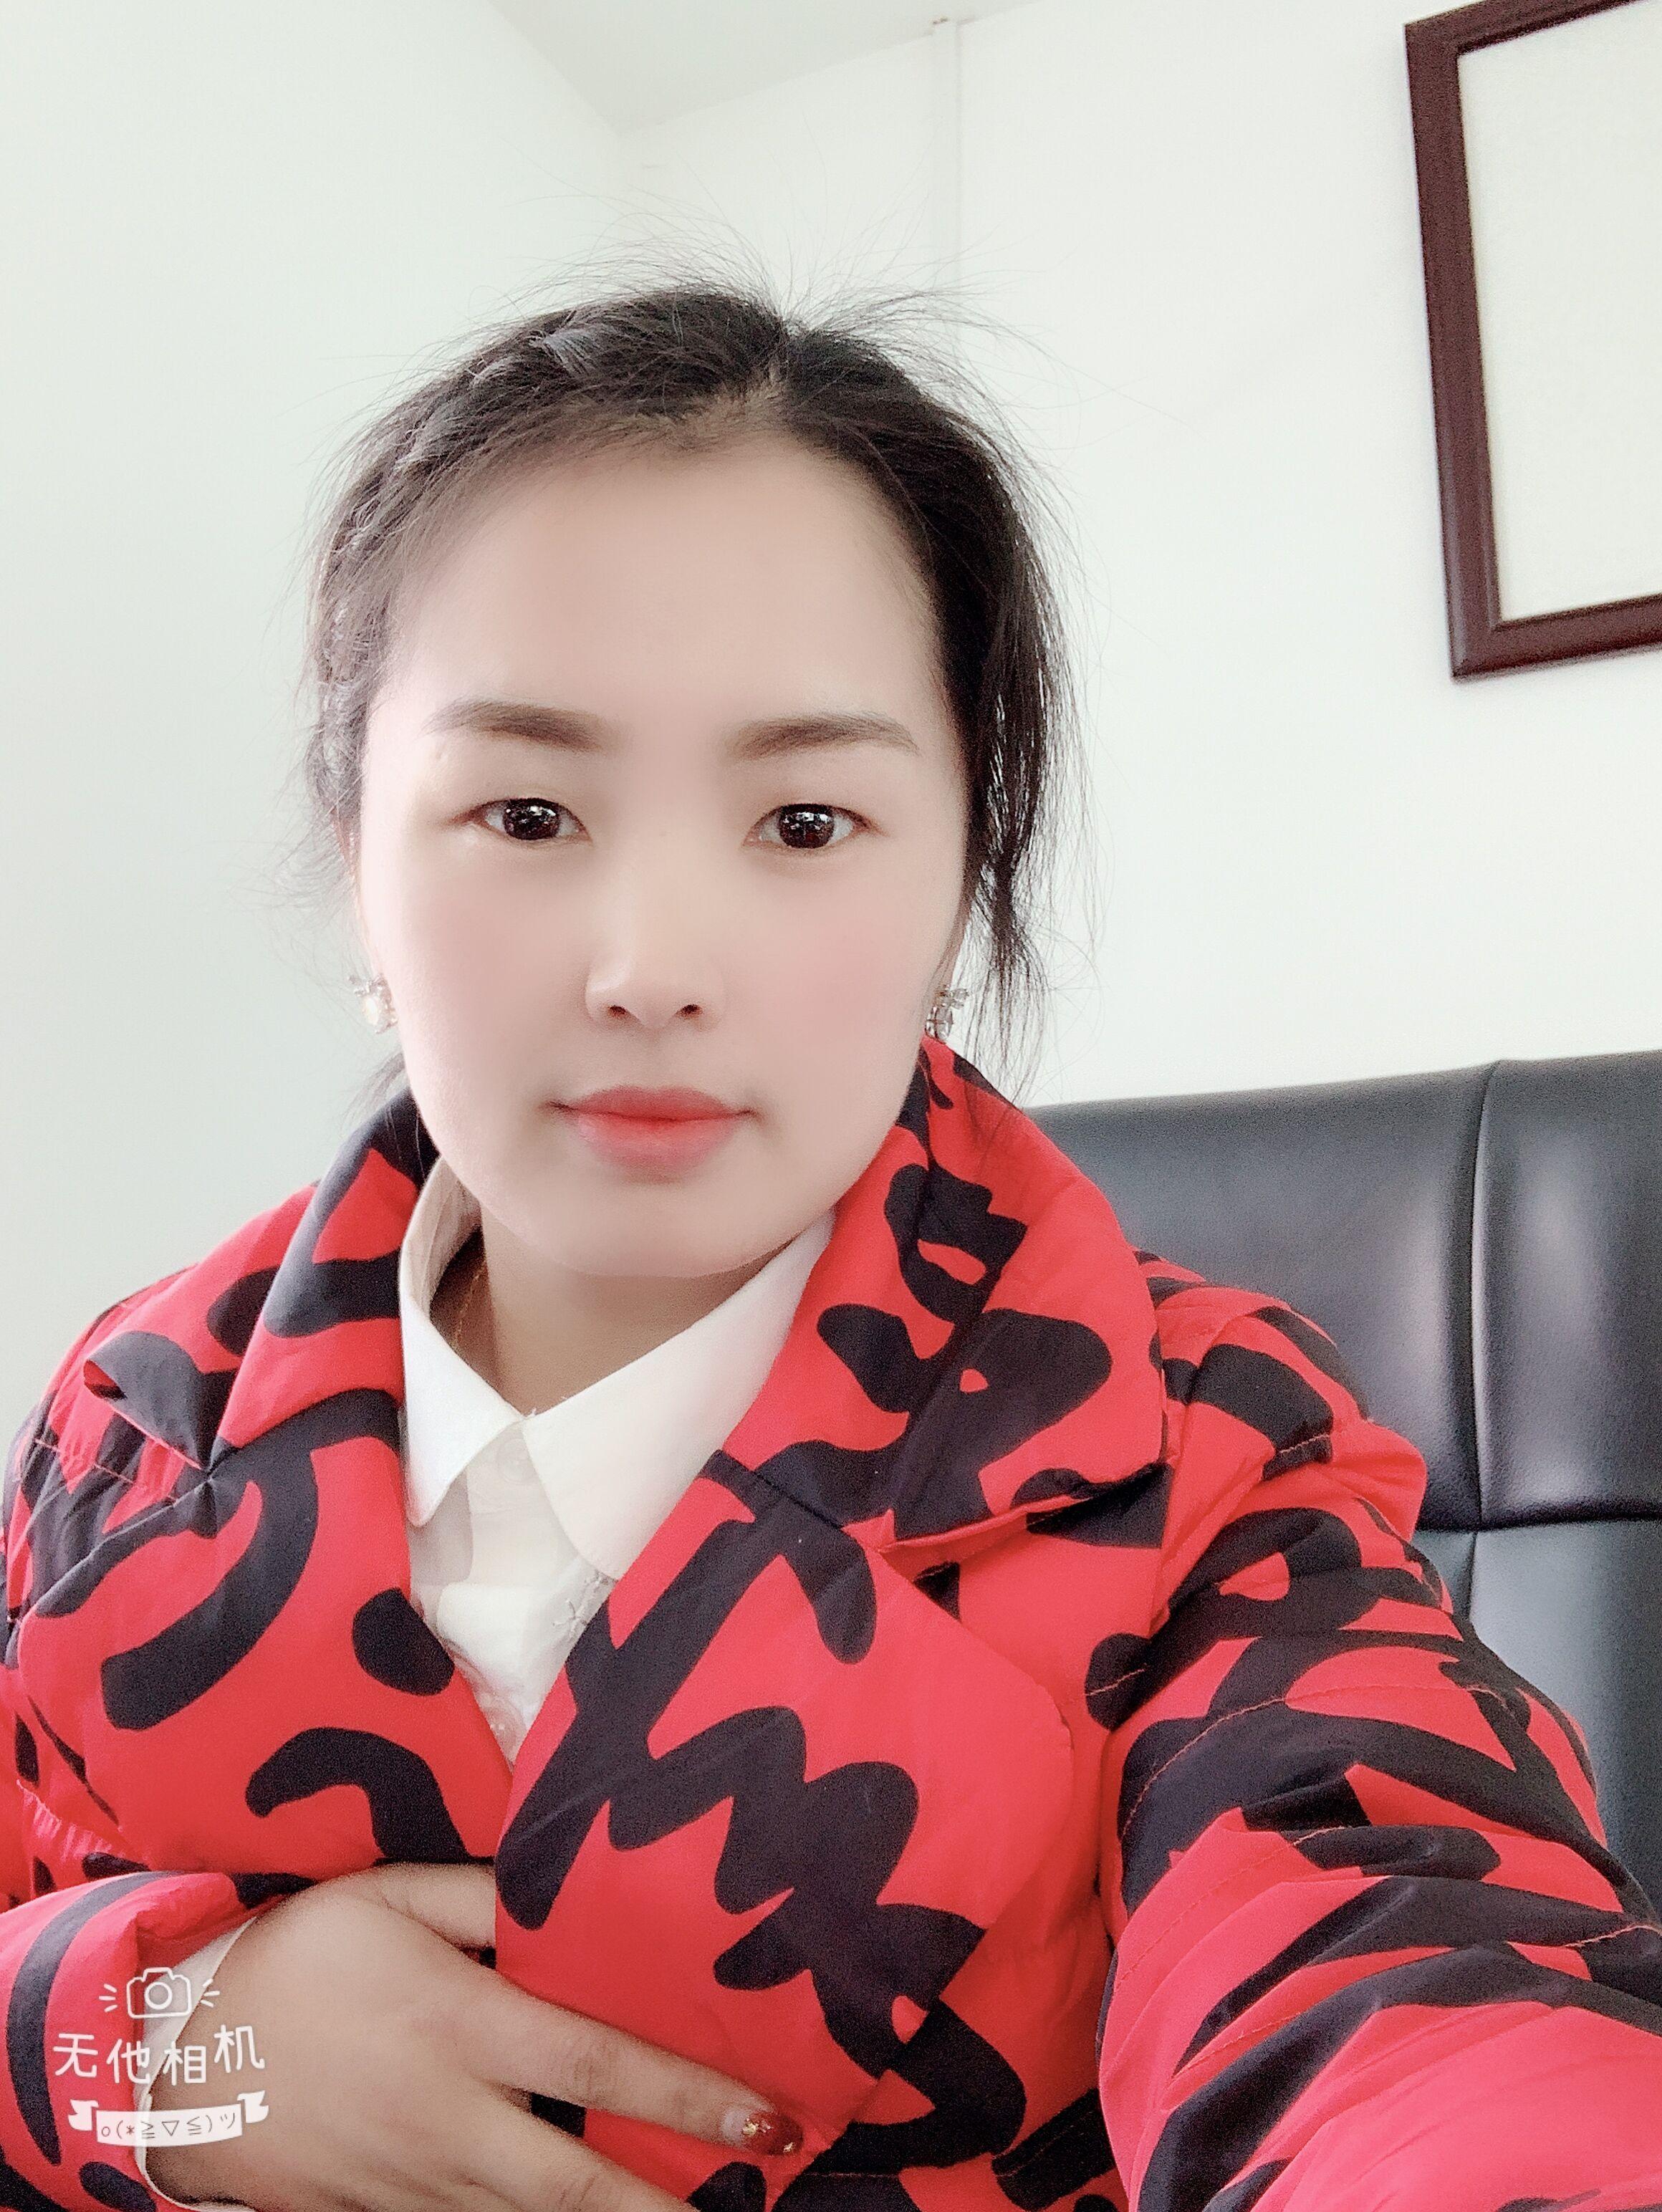 姜昌慧 - www.bnbio.com北纳标物网